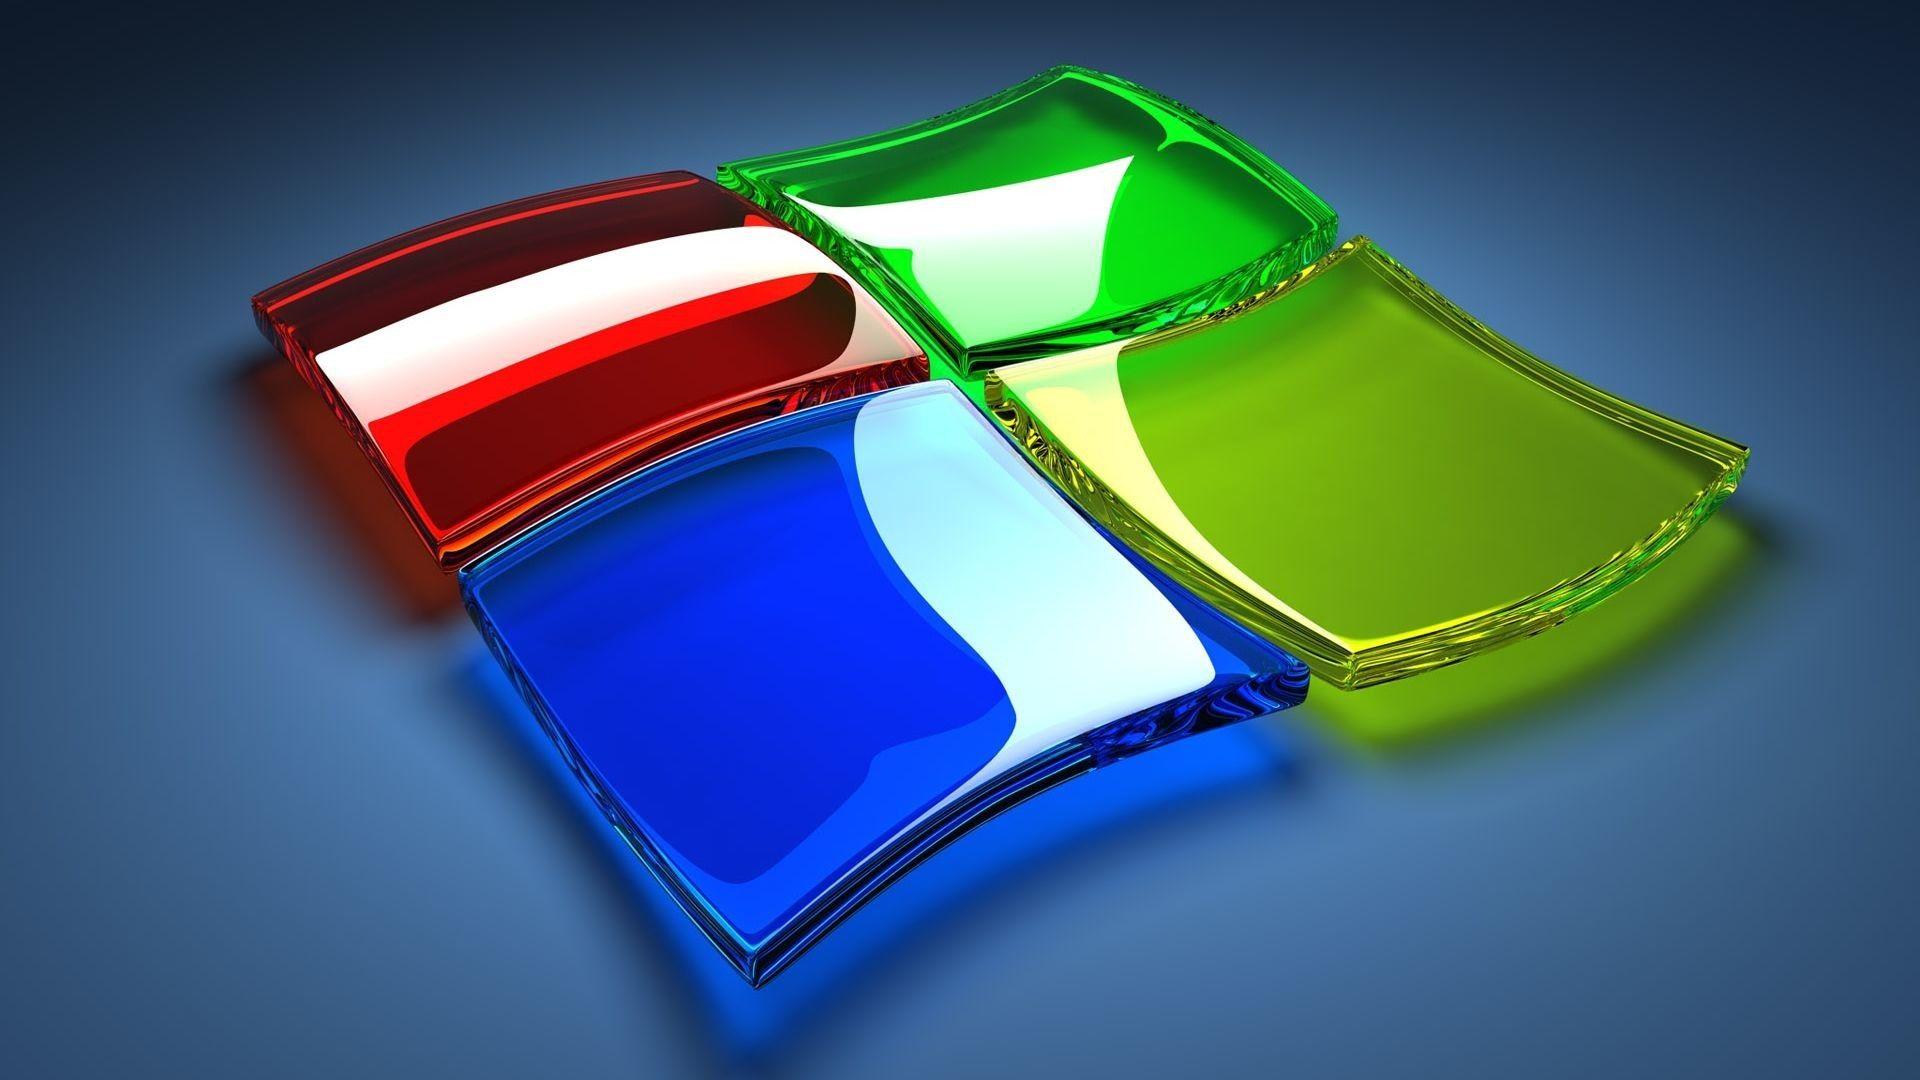 Wallpaper Hd For Desktop Full Screen 1080p Lovely Hd Wallpaper For Laptop 83 Pictures Of En 2020 Pantalla De Laptop Descargar Fondos De Pantalla Gratis Pantalla De Pc